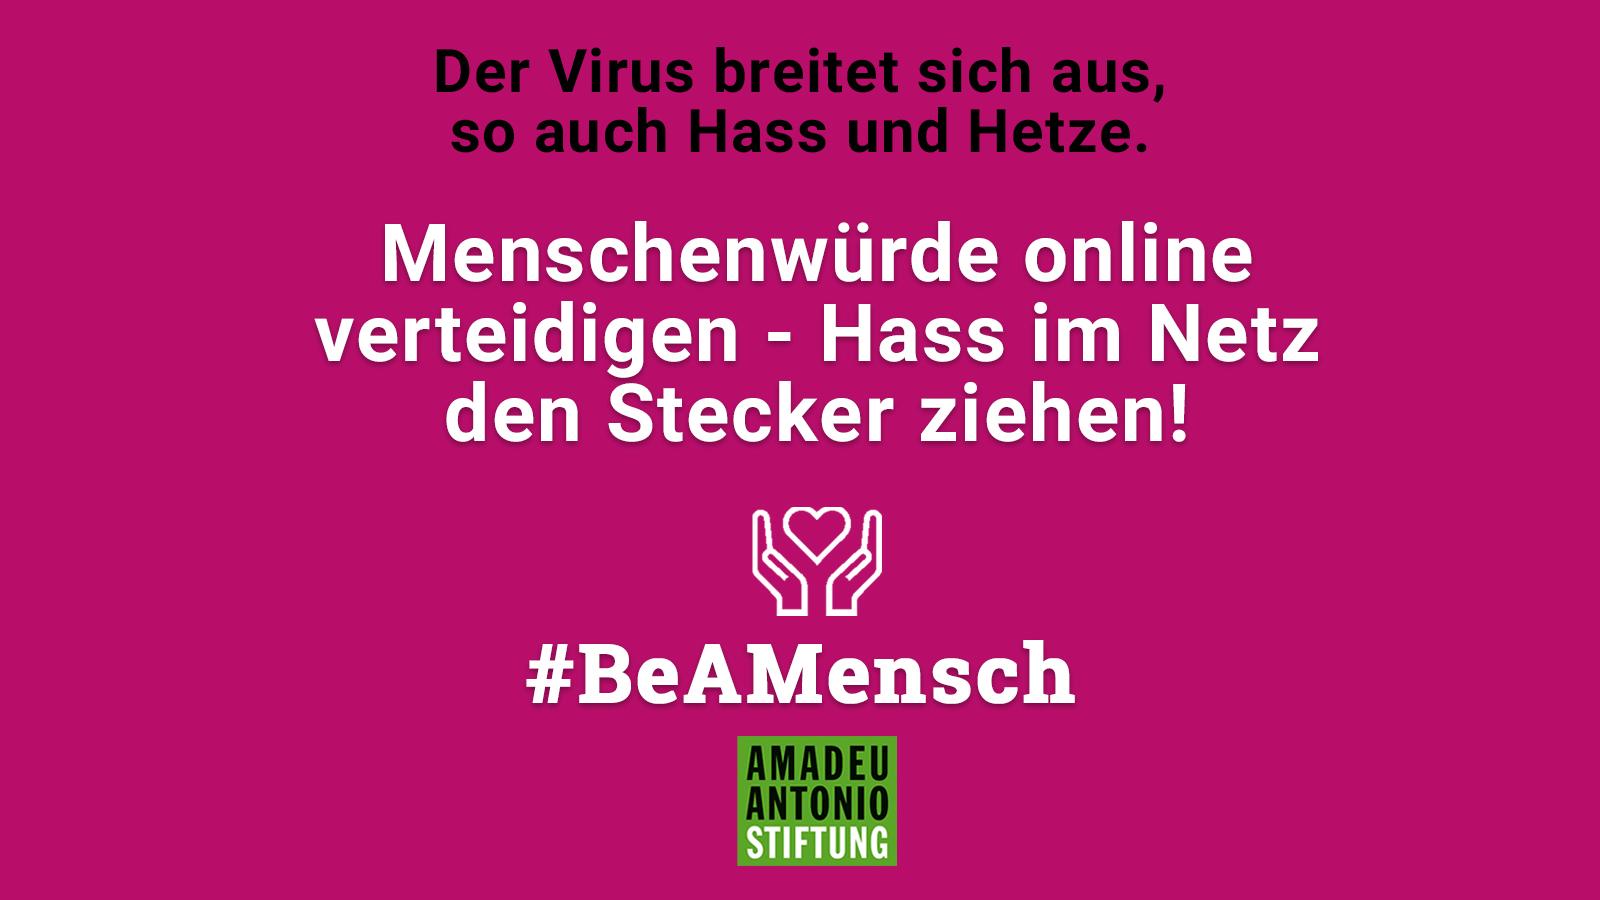 BeaMensch-Hass-im-Netz-16_9